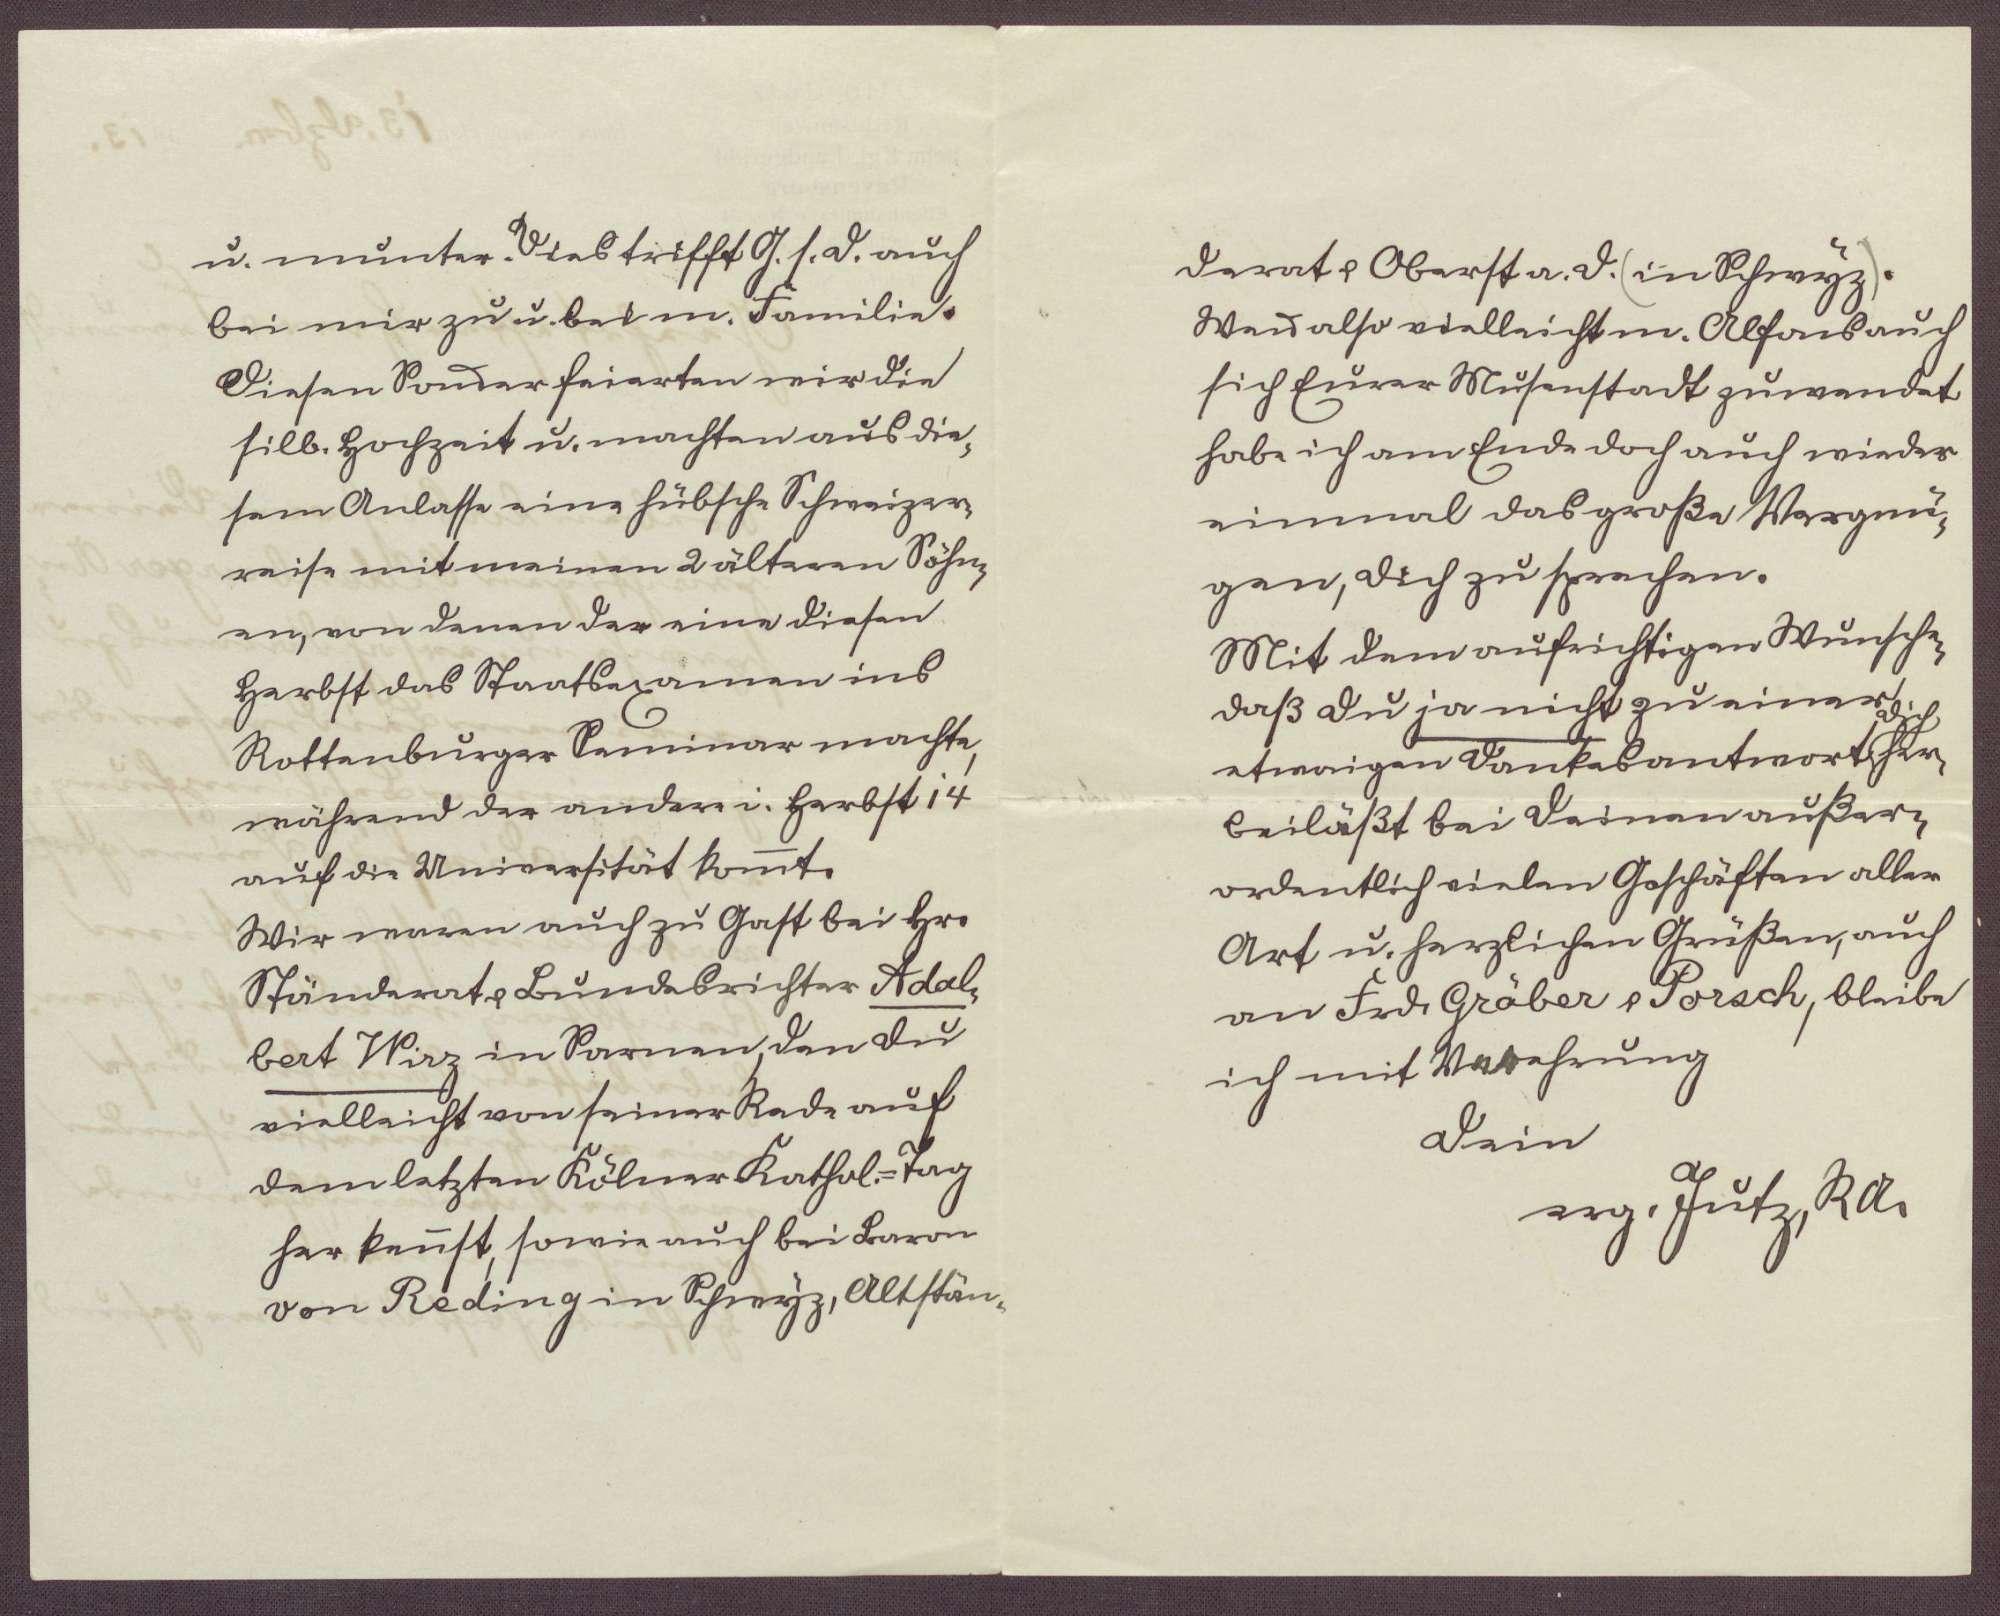 Schreiben von Otto Jutz, Rechtswanwalt in Ravensburg, an Constantin Fehrenbach, Lob für die Zabern-Rede und Berichte aus Ravensburg und Rottenburg am Neckar, Bild 2